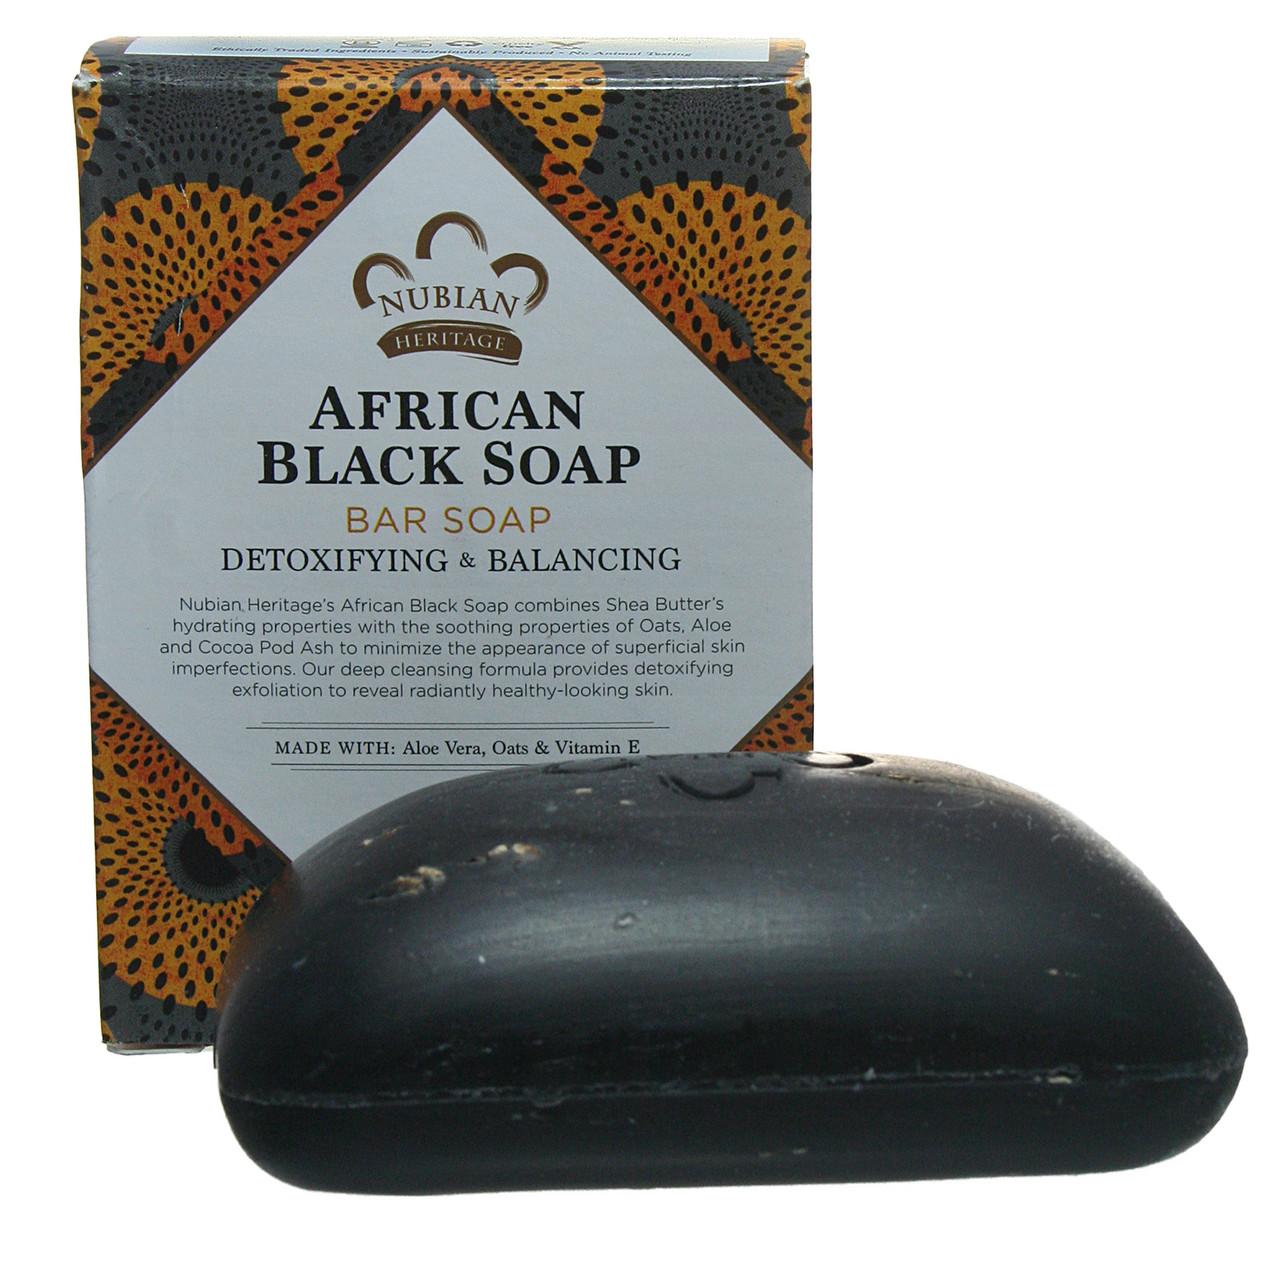 Африканское чёрное мыло Нубийское Наследие,  Nubian Herritage, 140 г